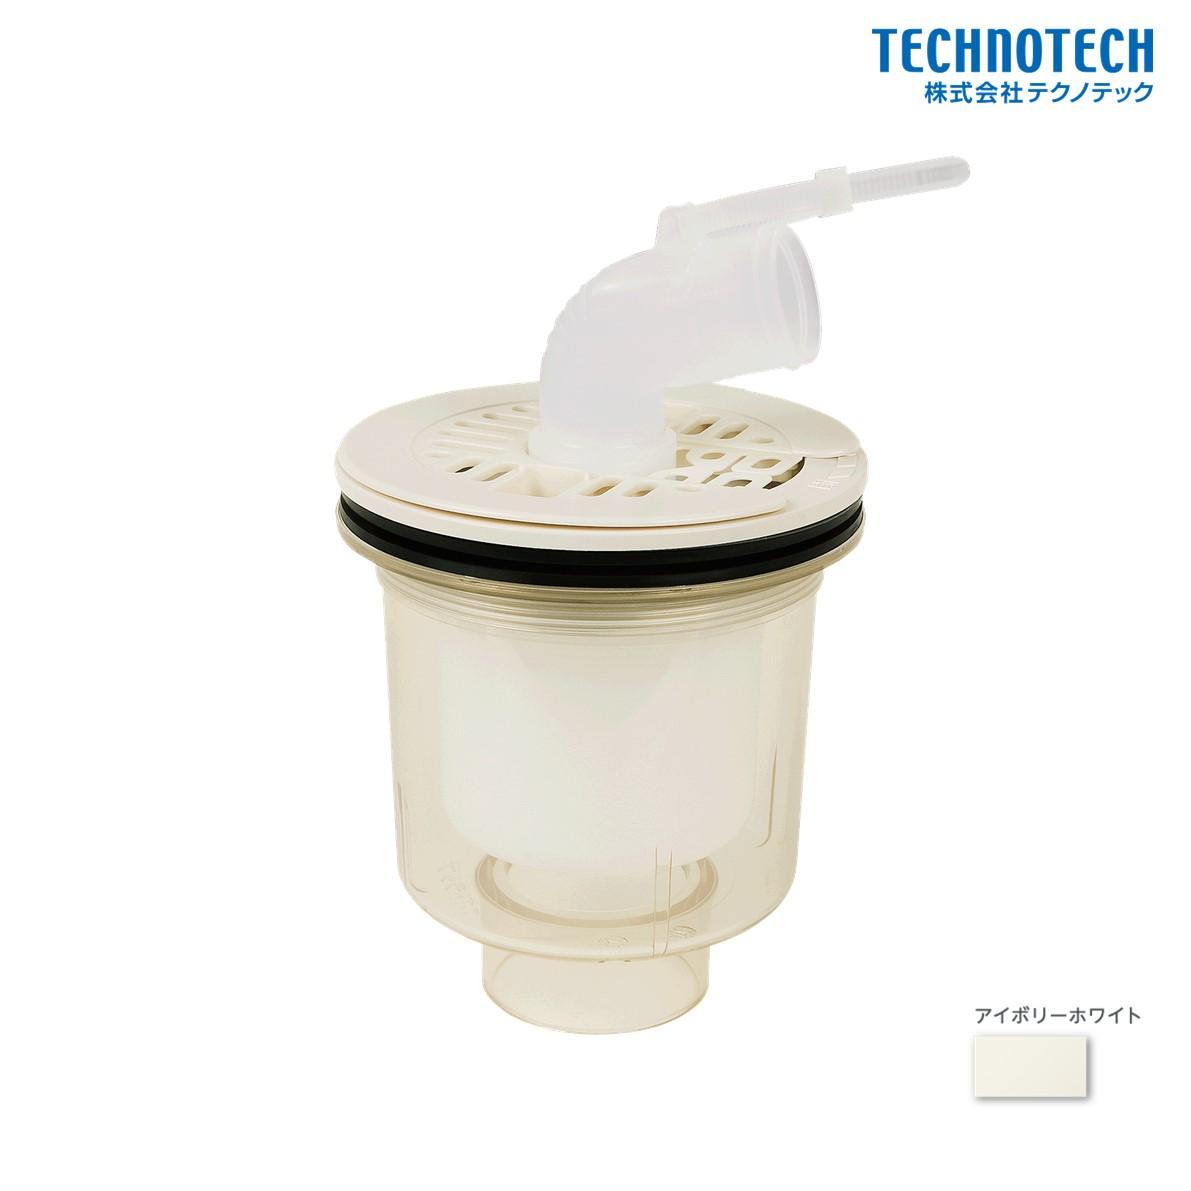 テクノテック 洗濯機 TE トラップ pdt swm 縦 透明 T.Eトラップ 人気の製品 PDT-SWM-W1 アイボリーホワイト 売り尽くし特価 防水パン 縦引排水口 セール品 特価